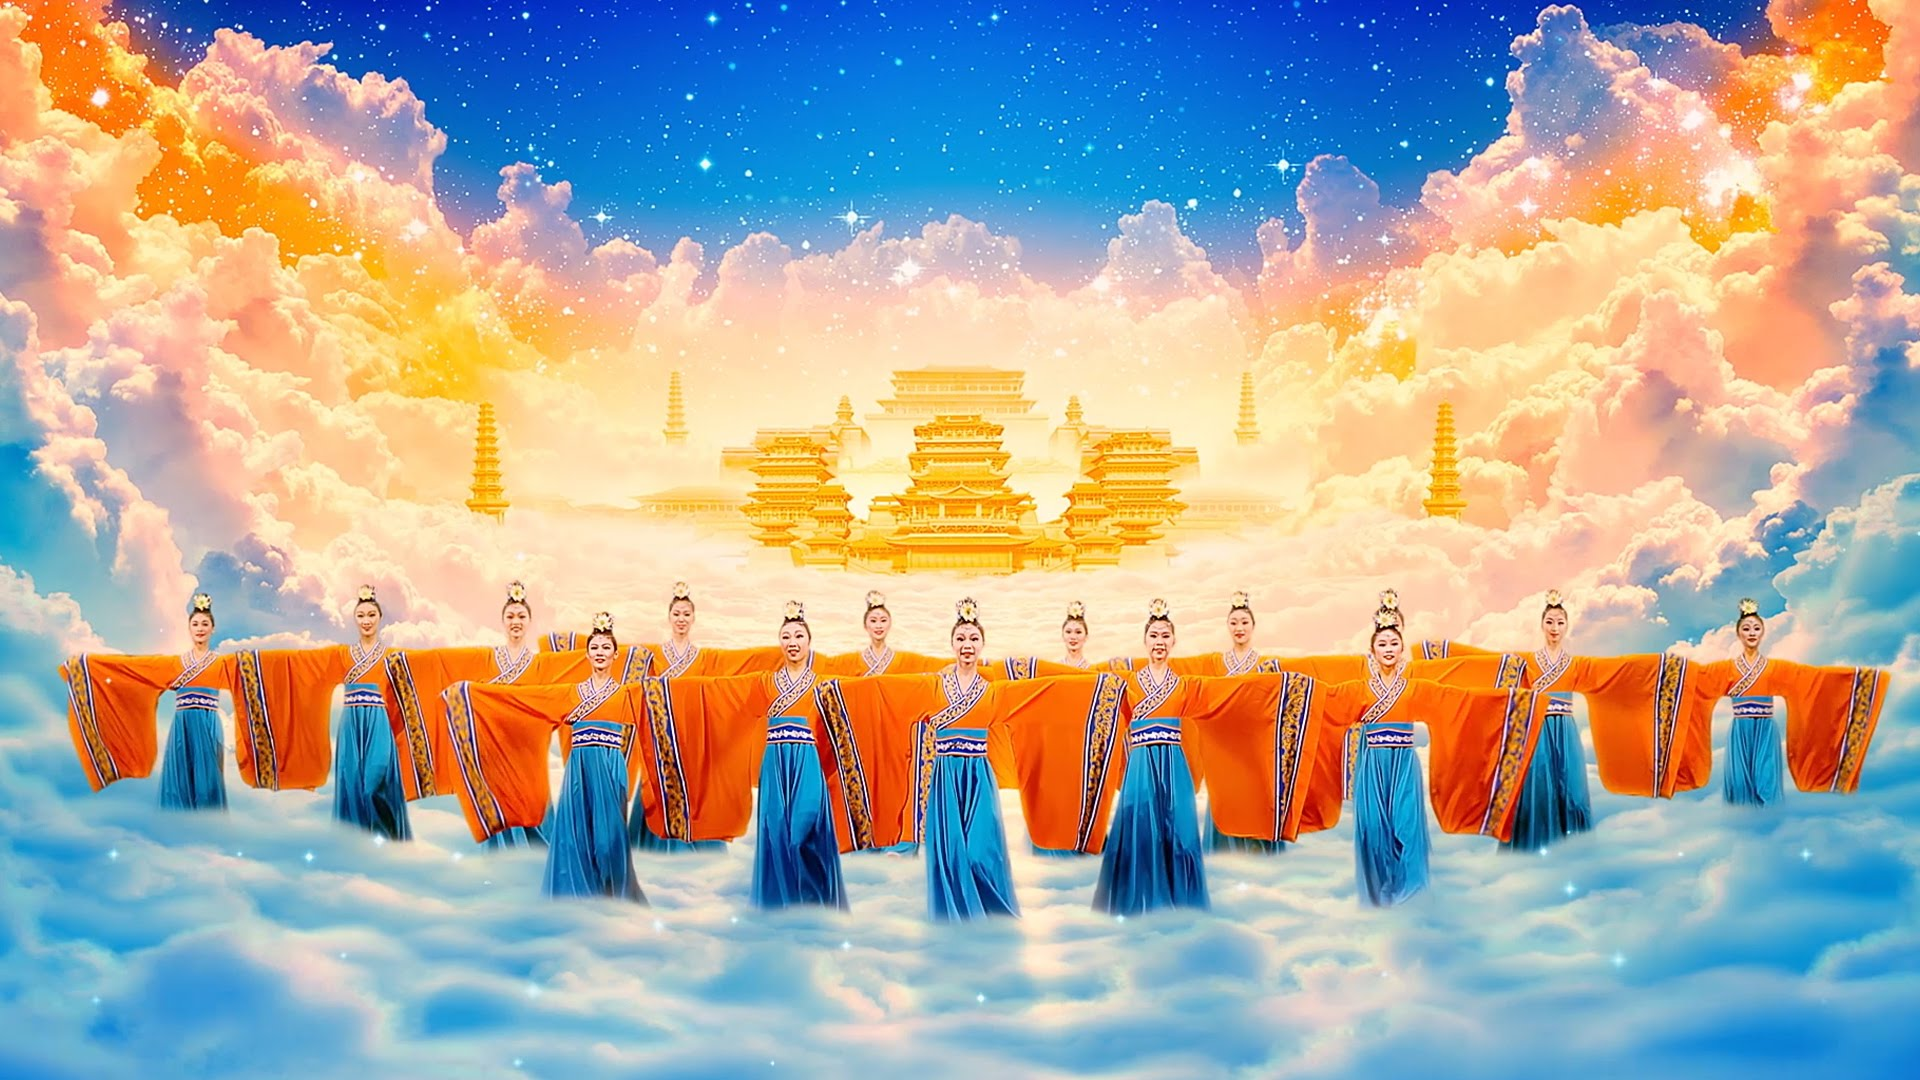 đoàn nghệ thuật Shen Yun